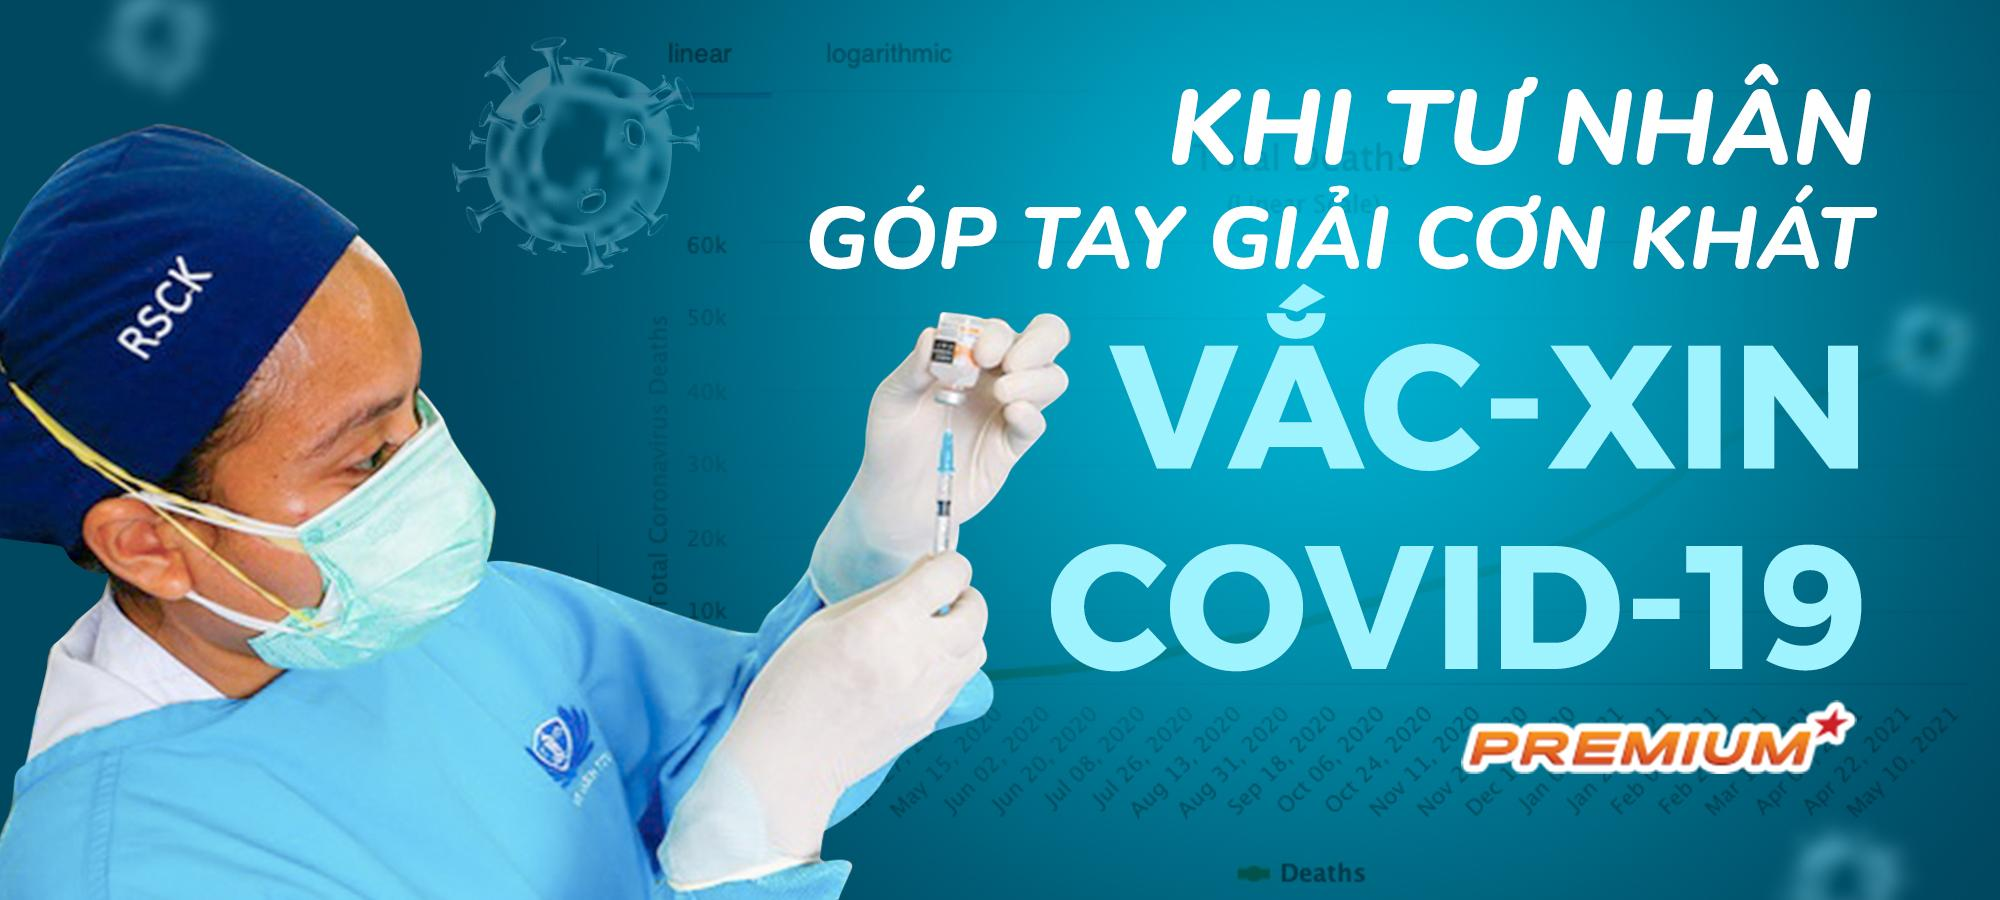 Khi tư nhân góp tay giải cơn khát vắc-xin Covid-19